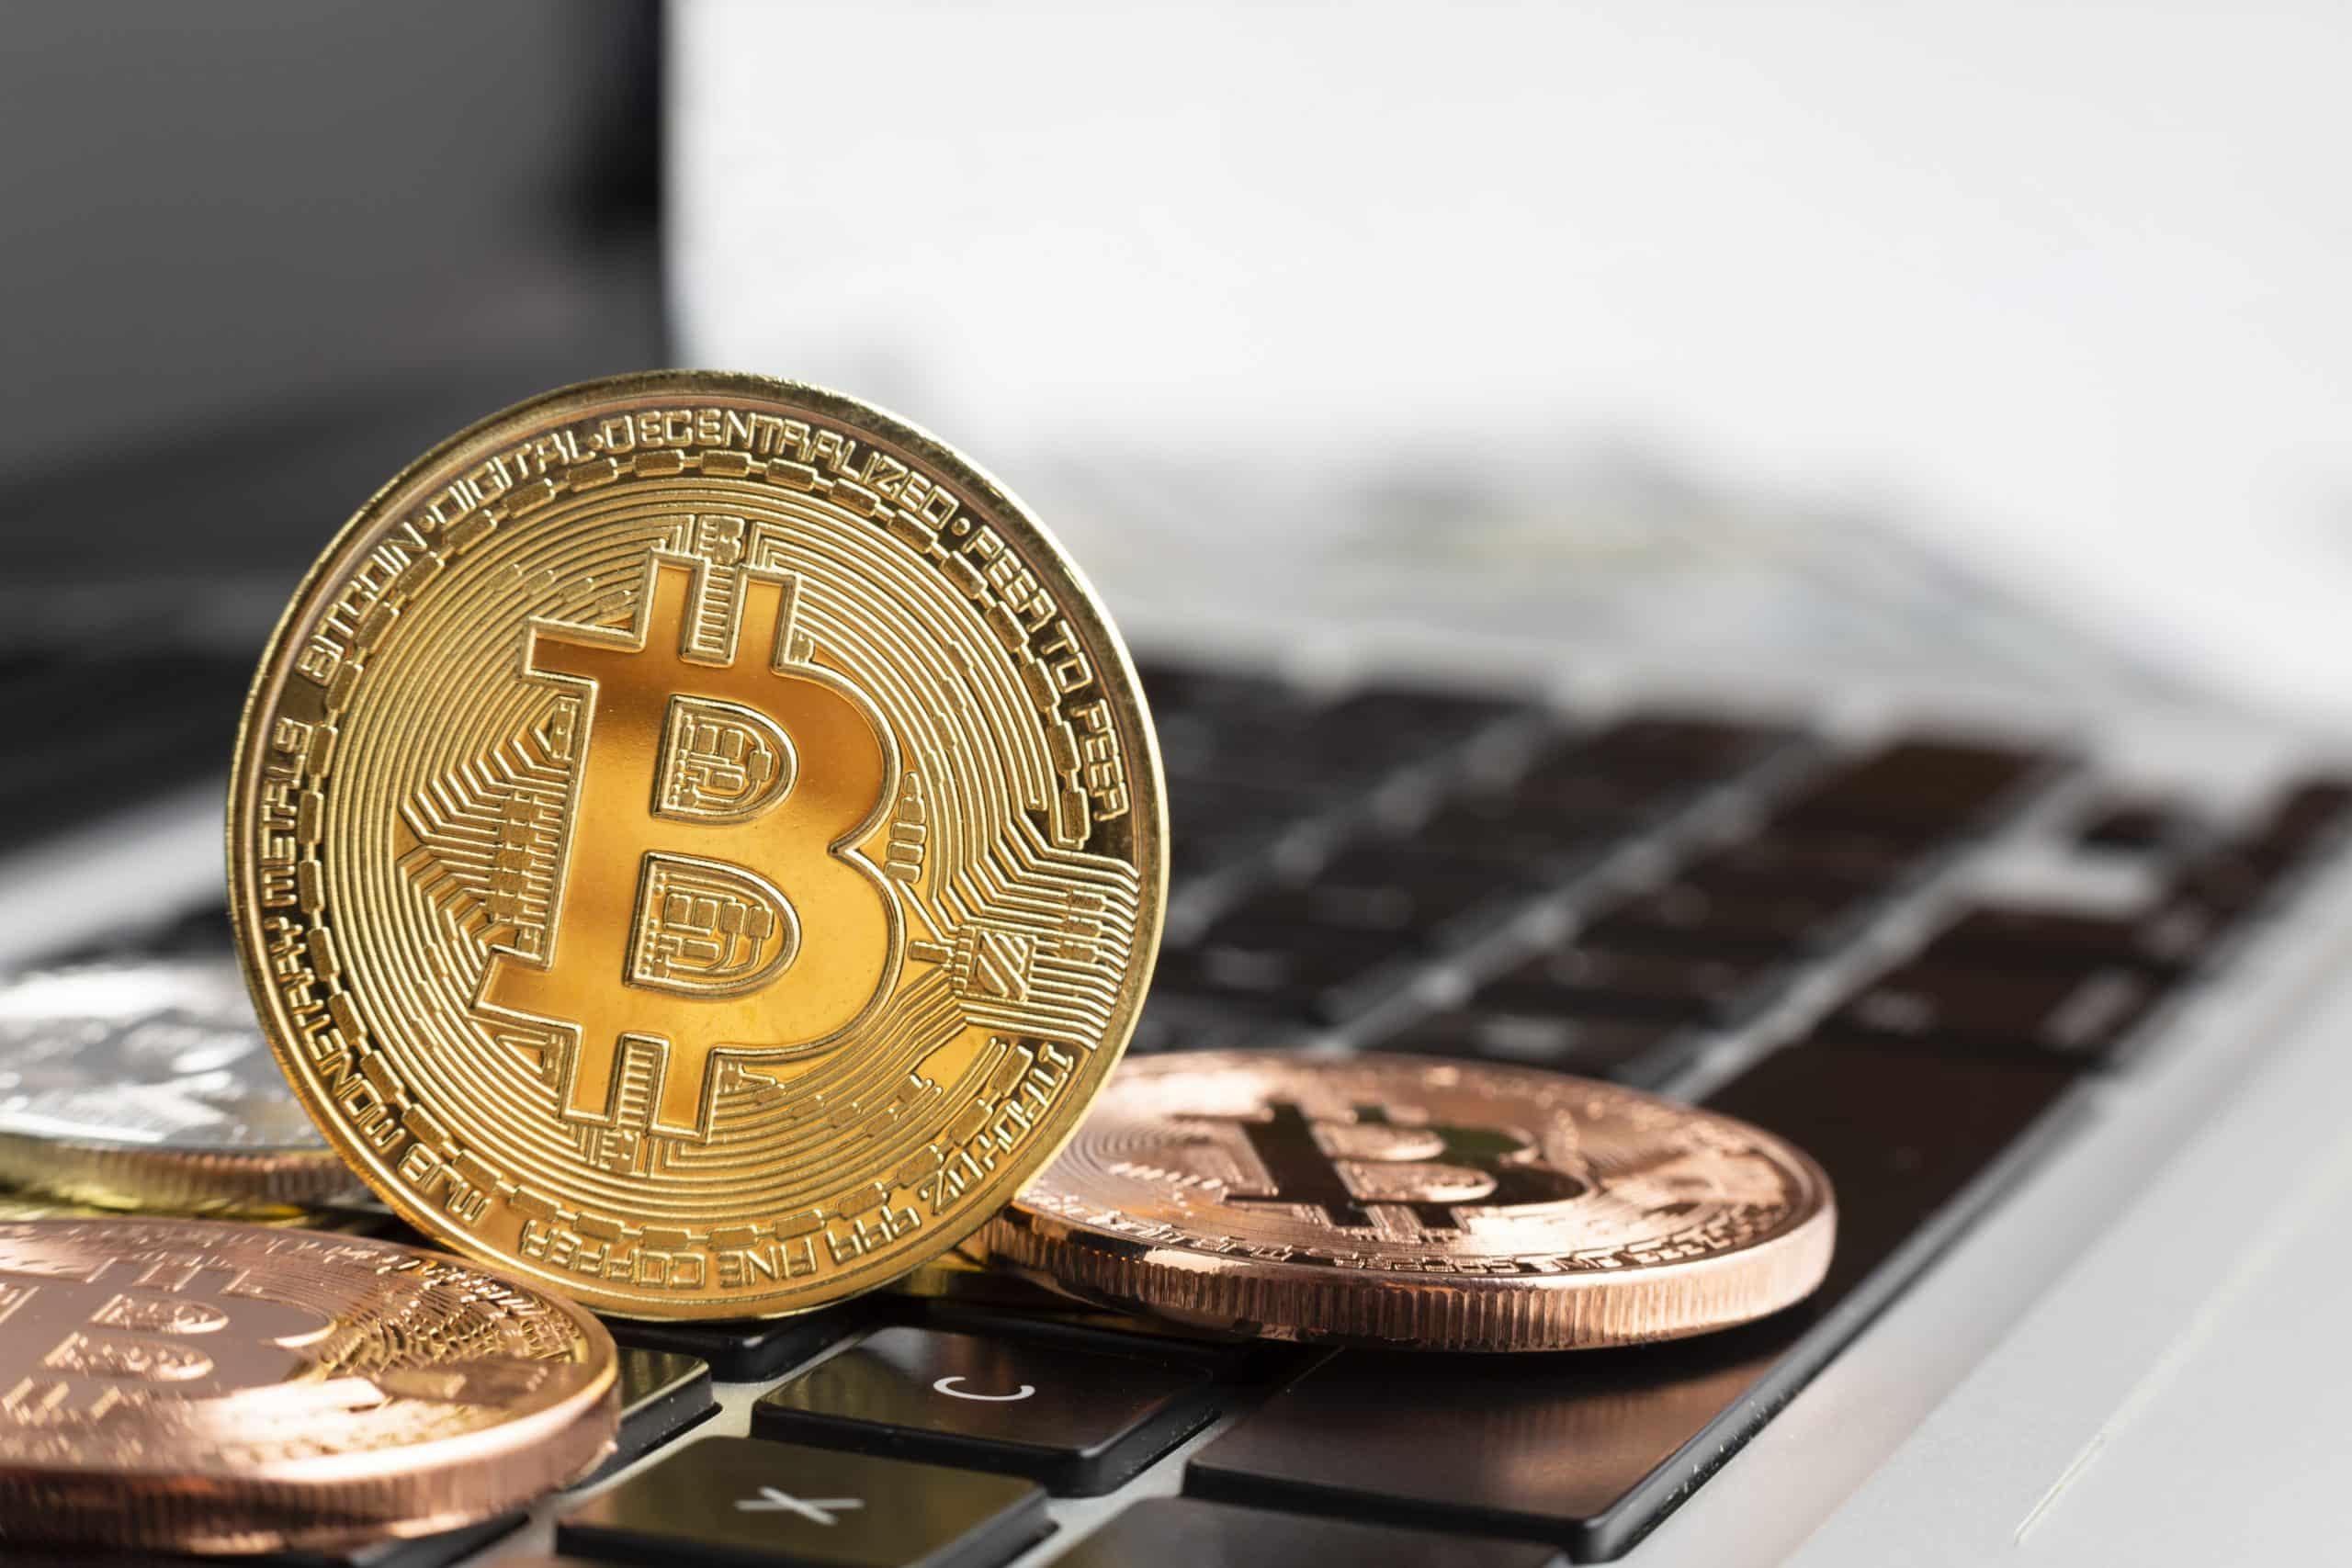 Mercado Bitcoin divulga programa de segurança contra lavagem de dinheiro